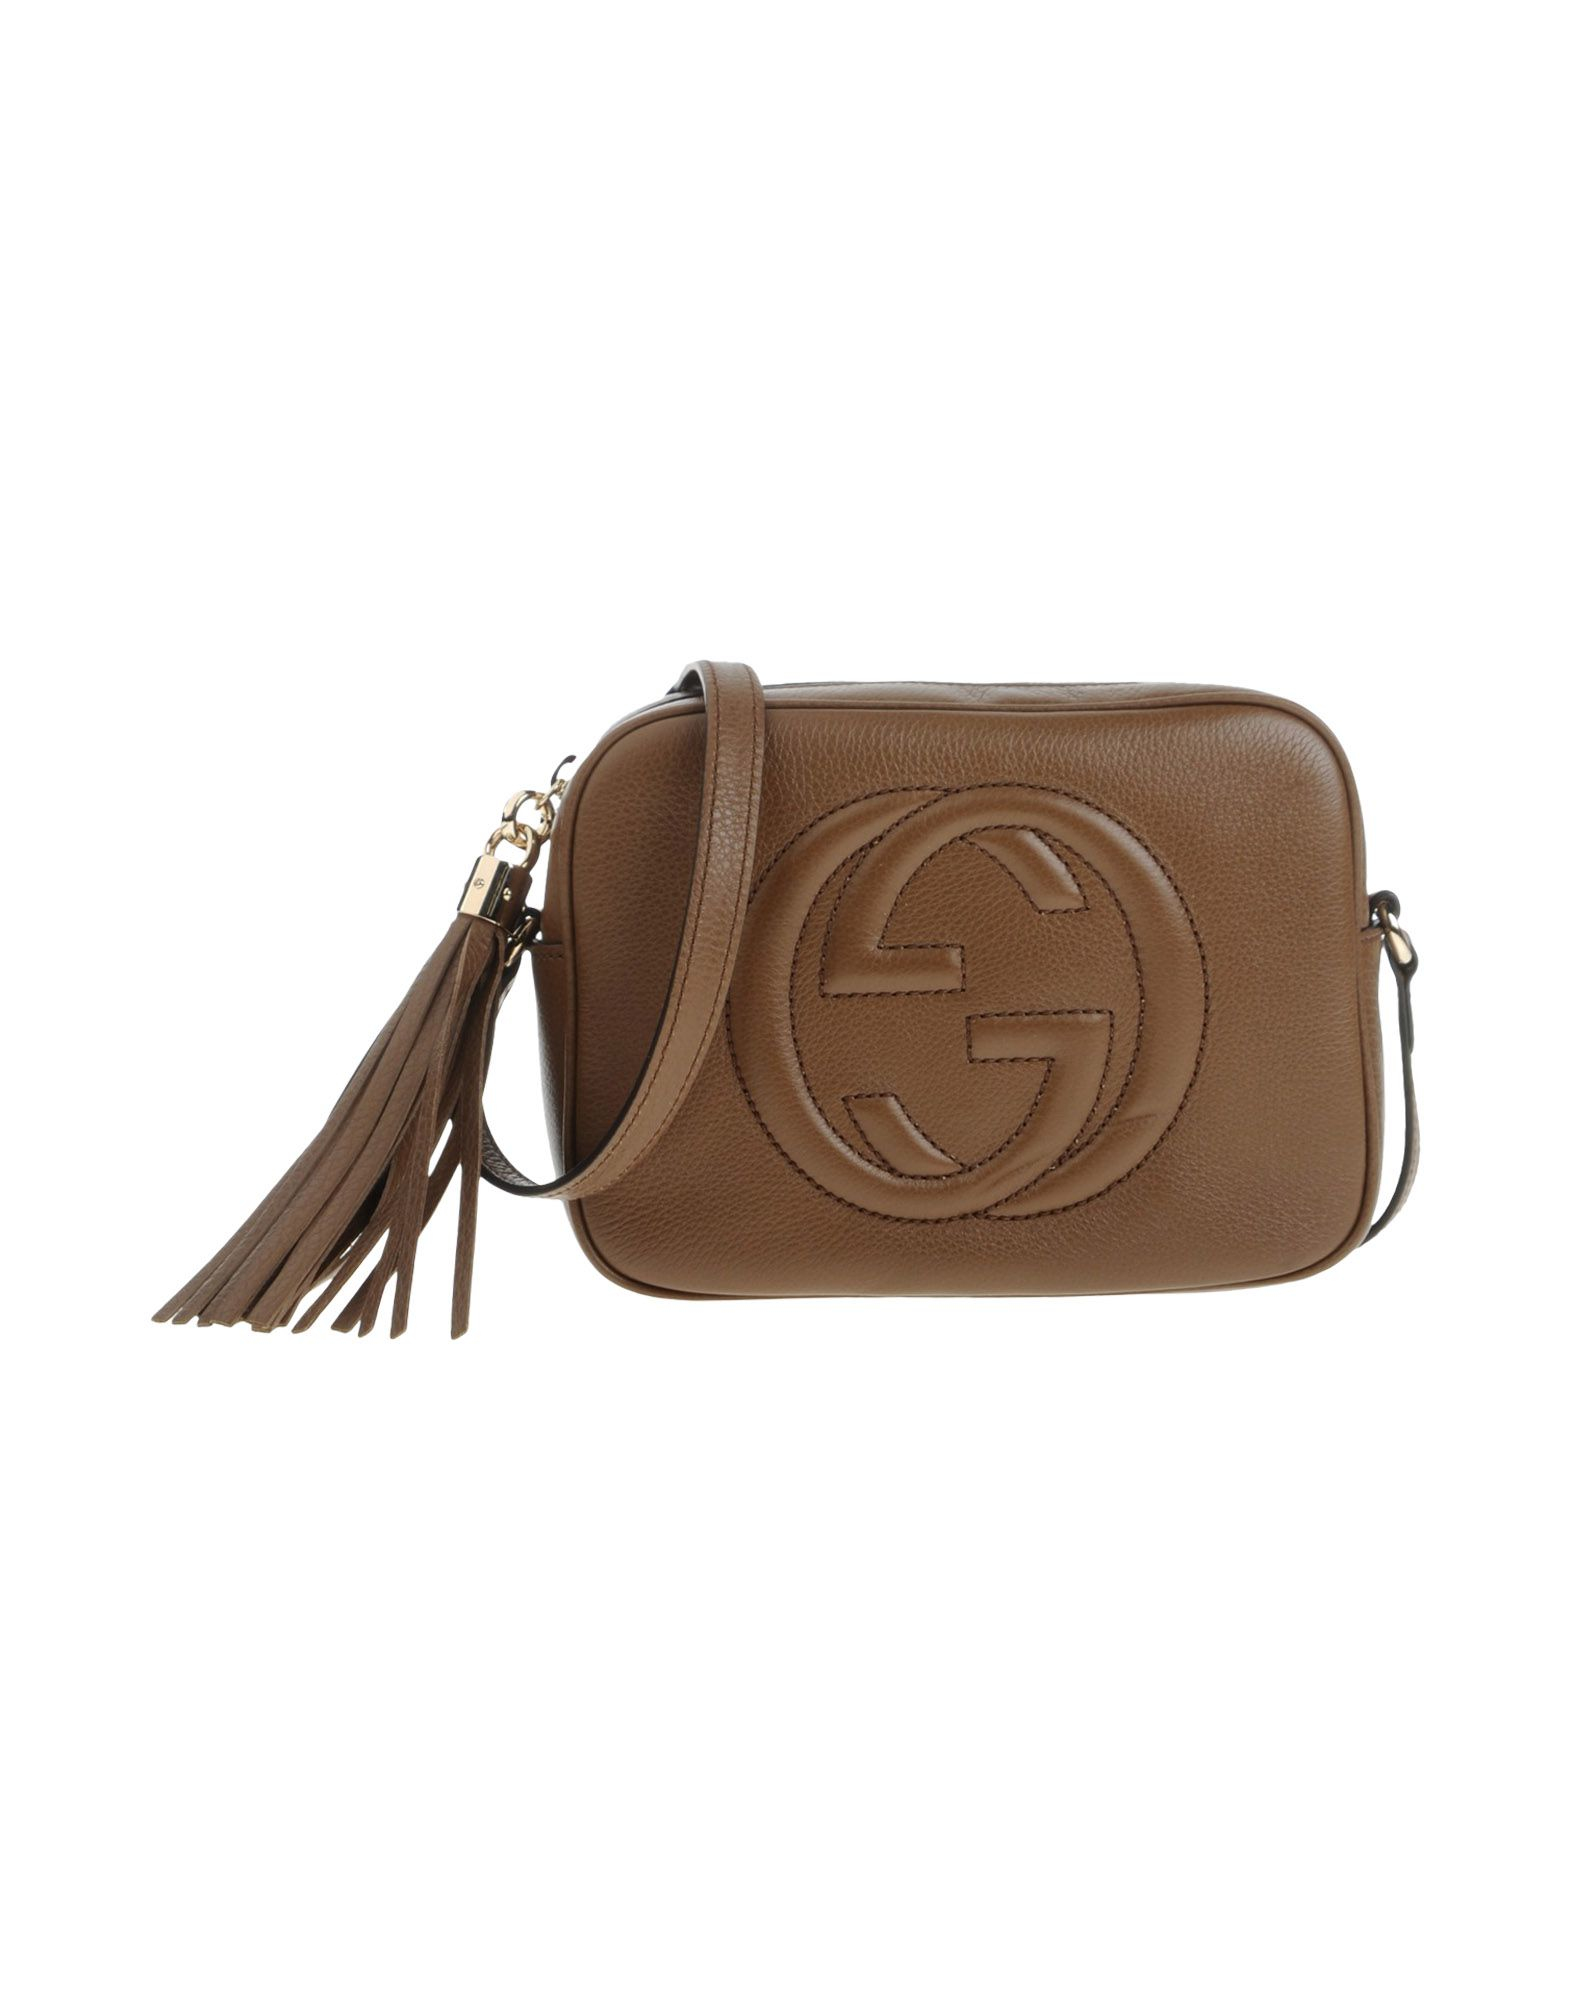 ec28bfc5401 Gucci Crossbody Bag Uk